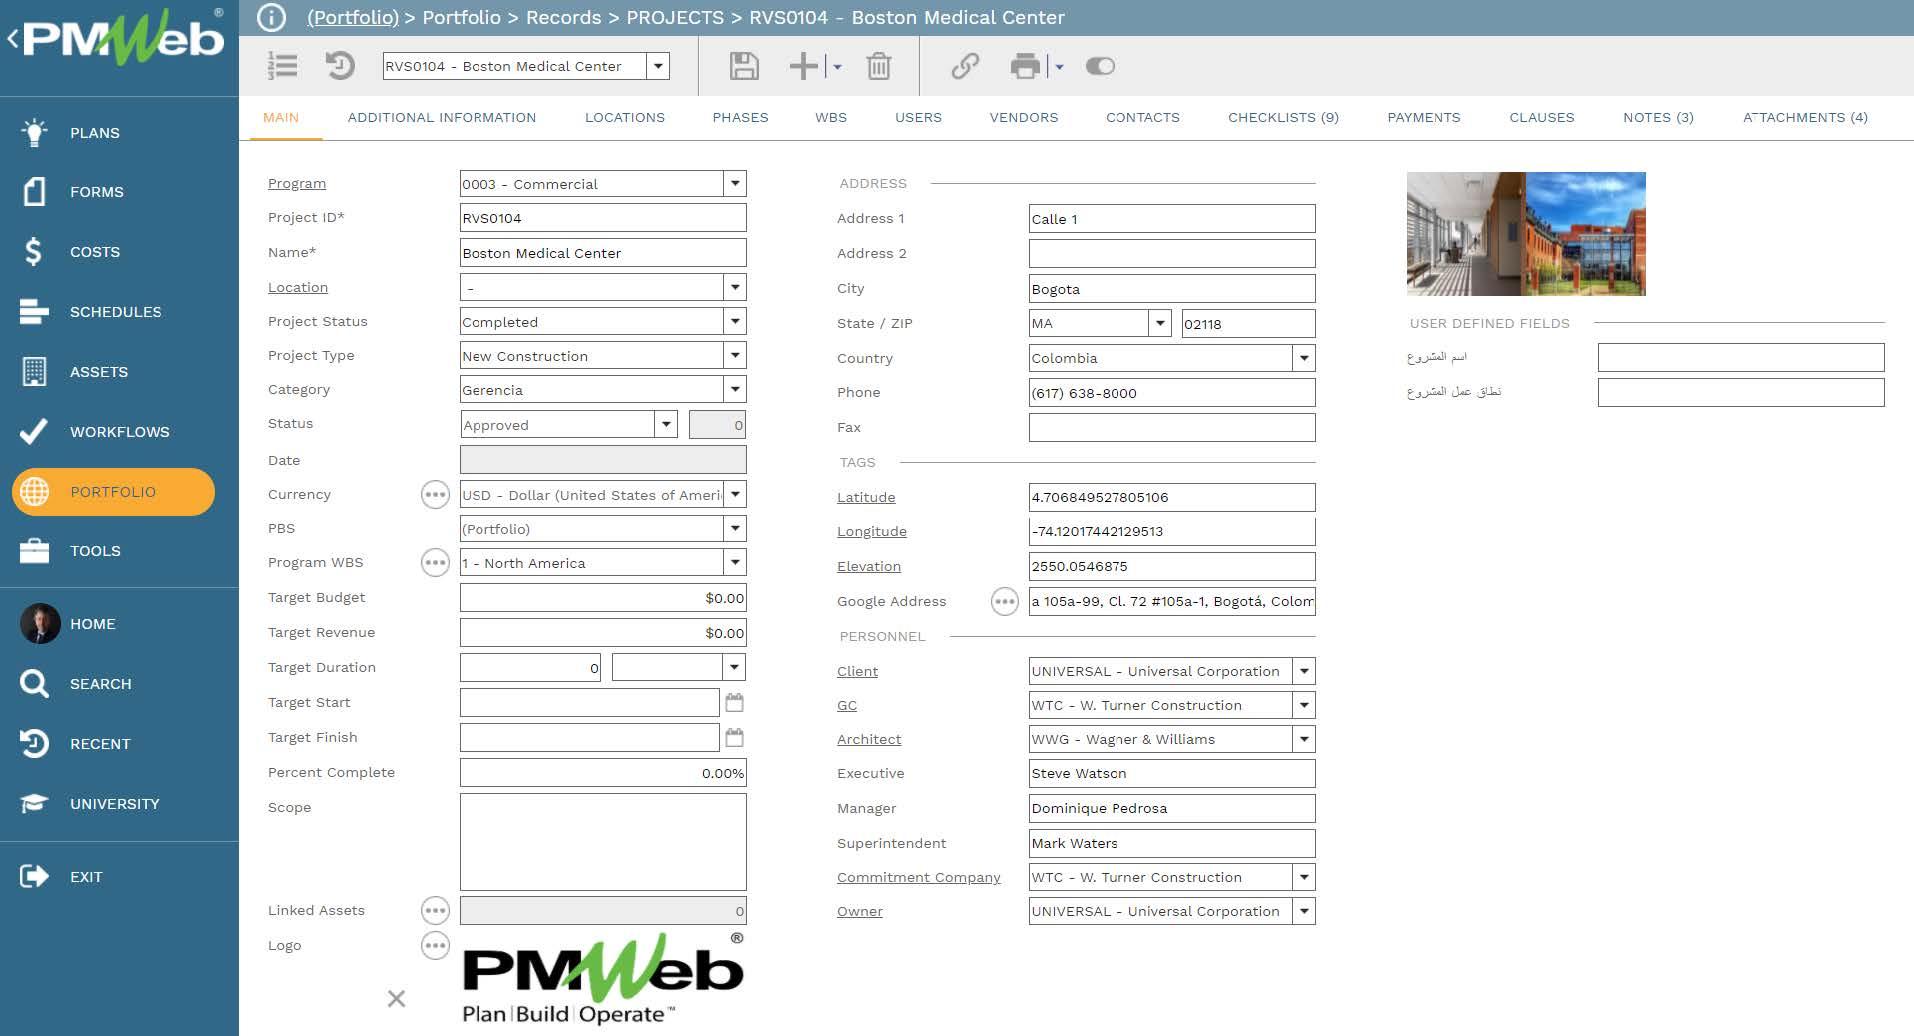 PMWeb 7 Portfolio Records Projects Main